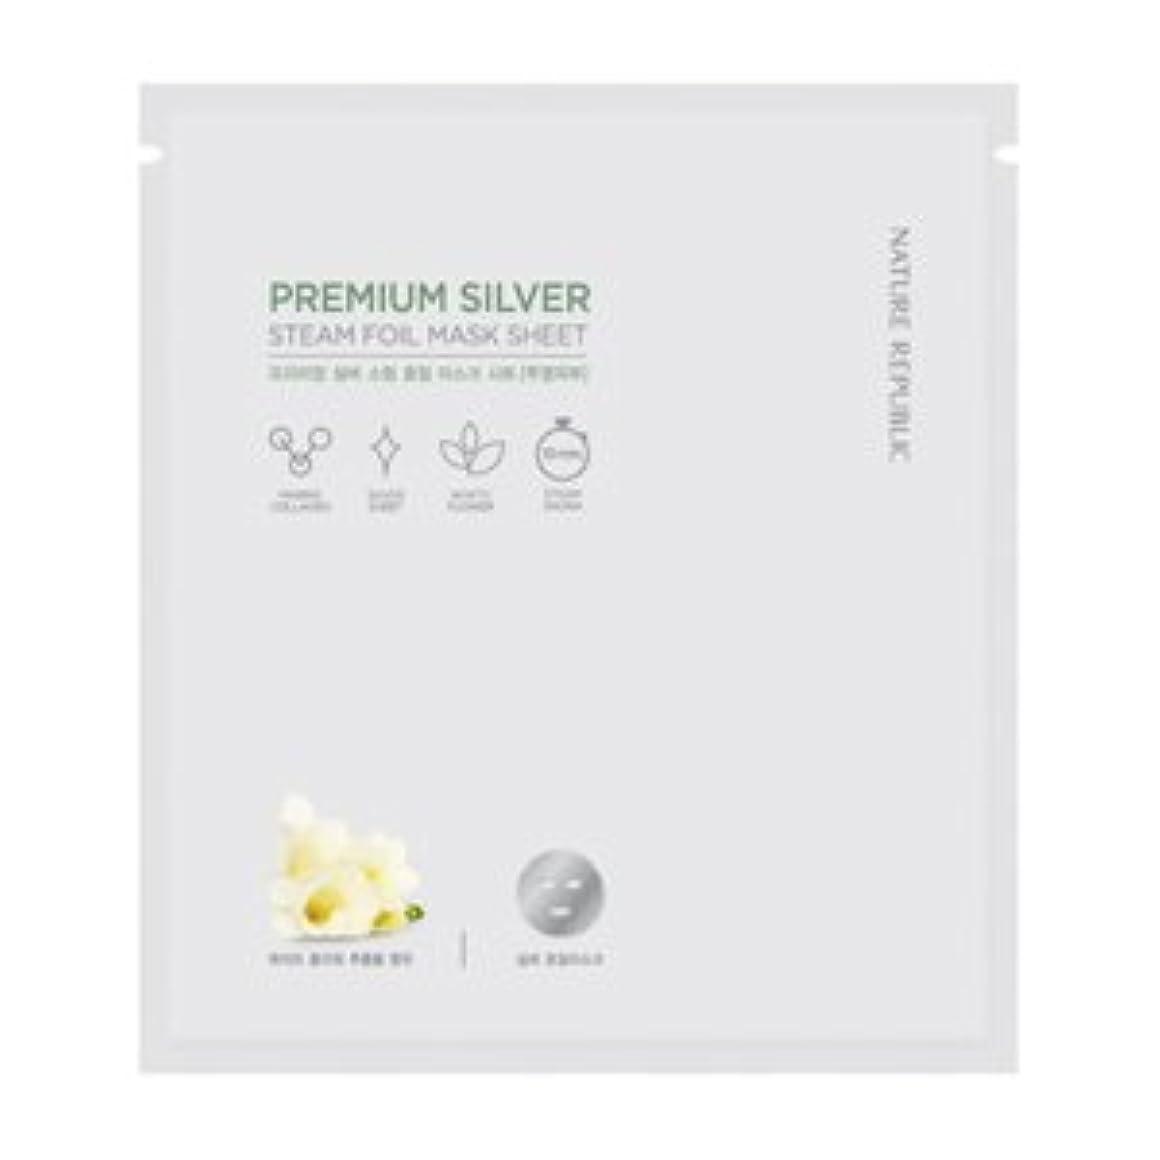 脱臼するミンチ海外Nature Republic Premium silver Steam Foil Mask Sheet [5ea] ネーチャーリパブリック プレミアムシルバースチームホイルマスクシート [5枚] [並行輸入品]